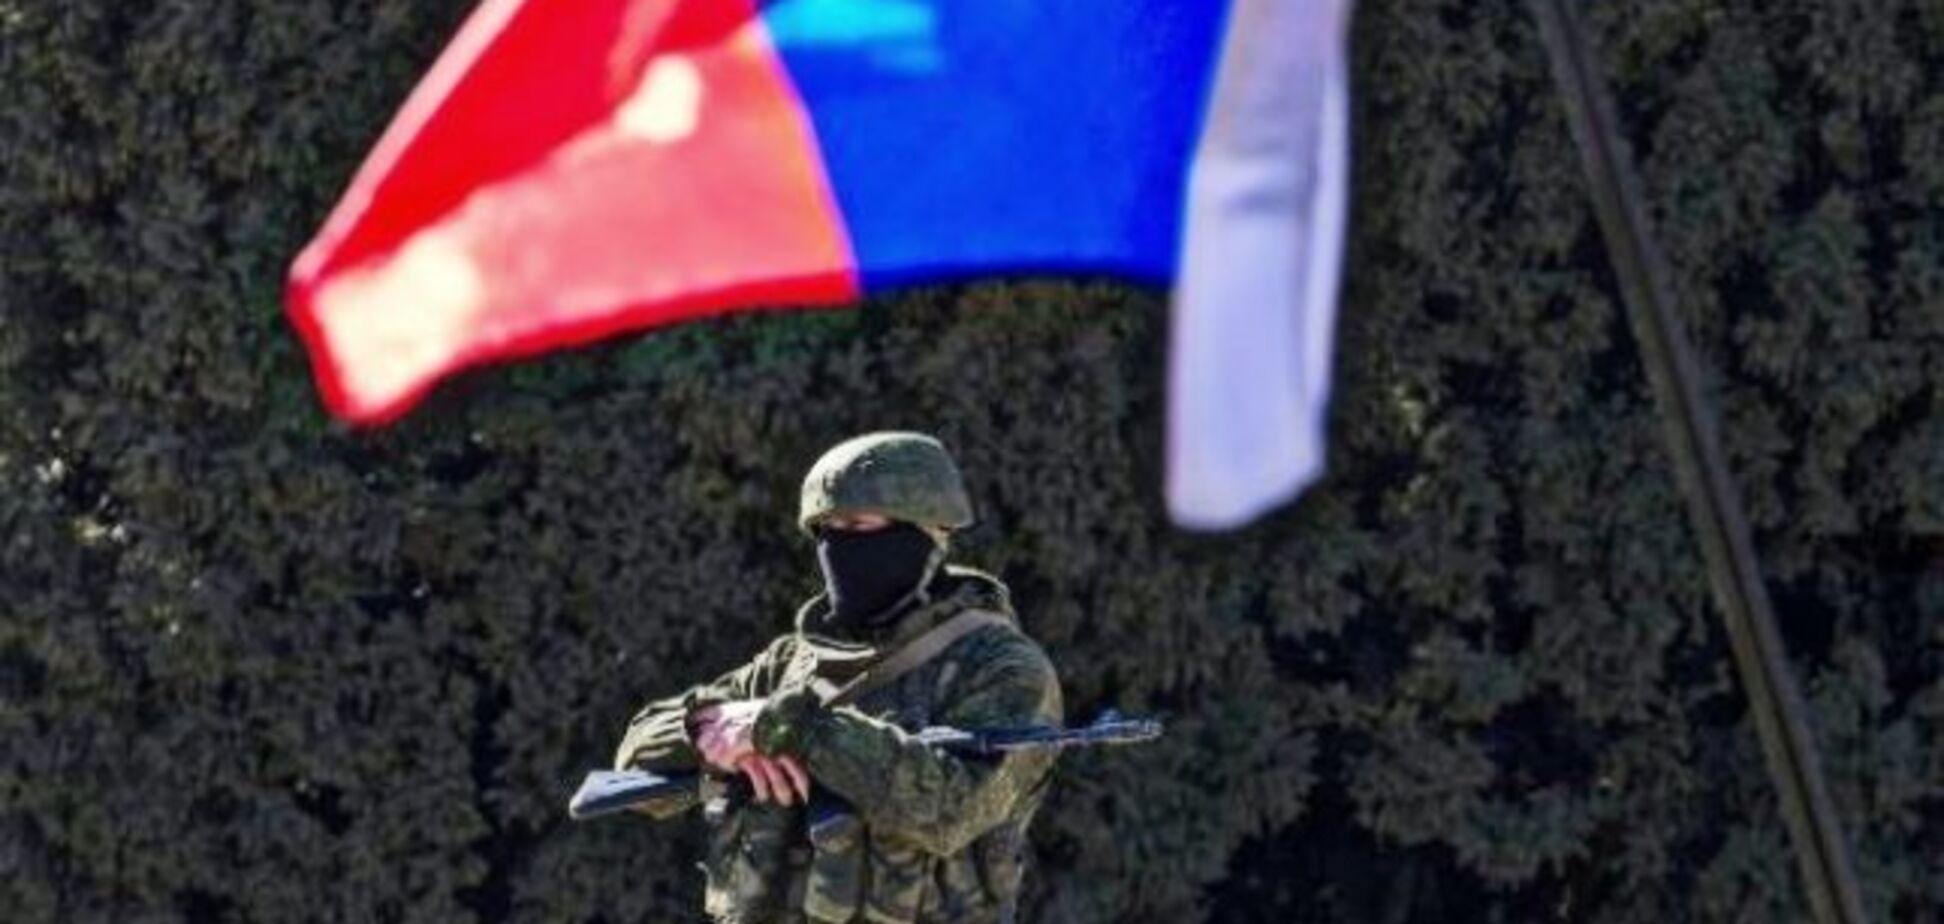 Операція ''Троя'': в мережу злили величезний архів доказів агресії Росії проти України